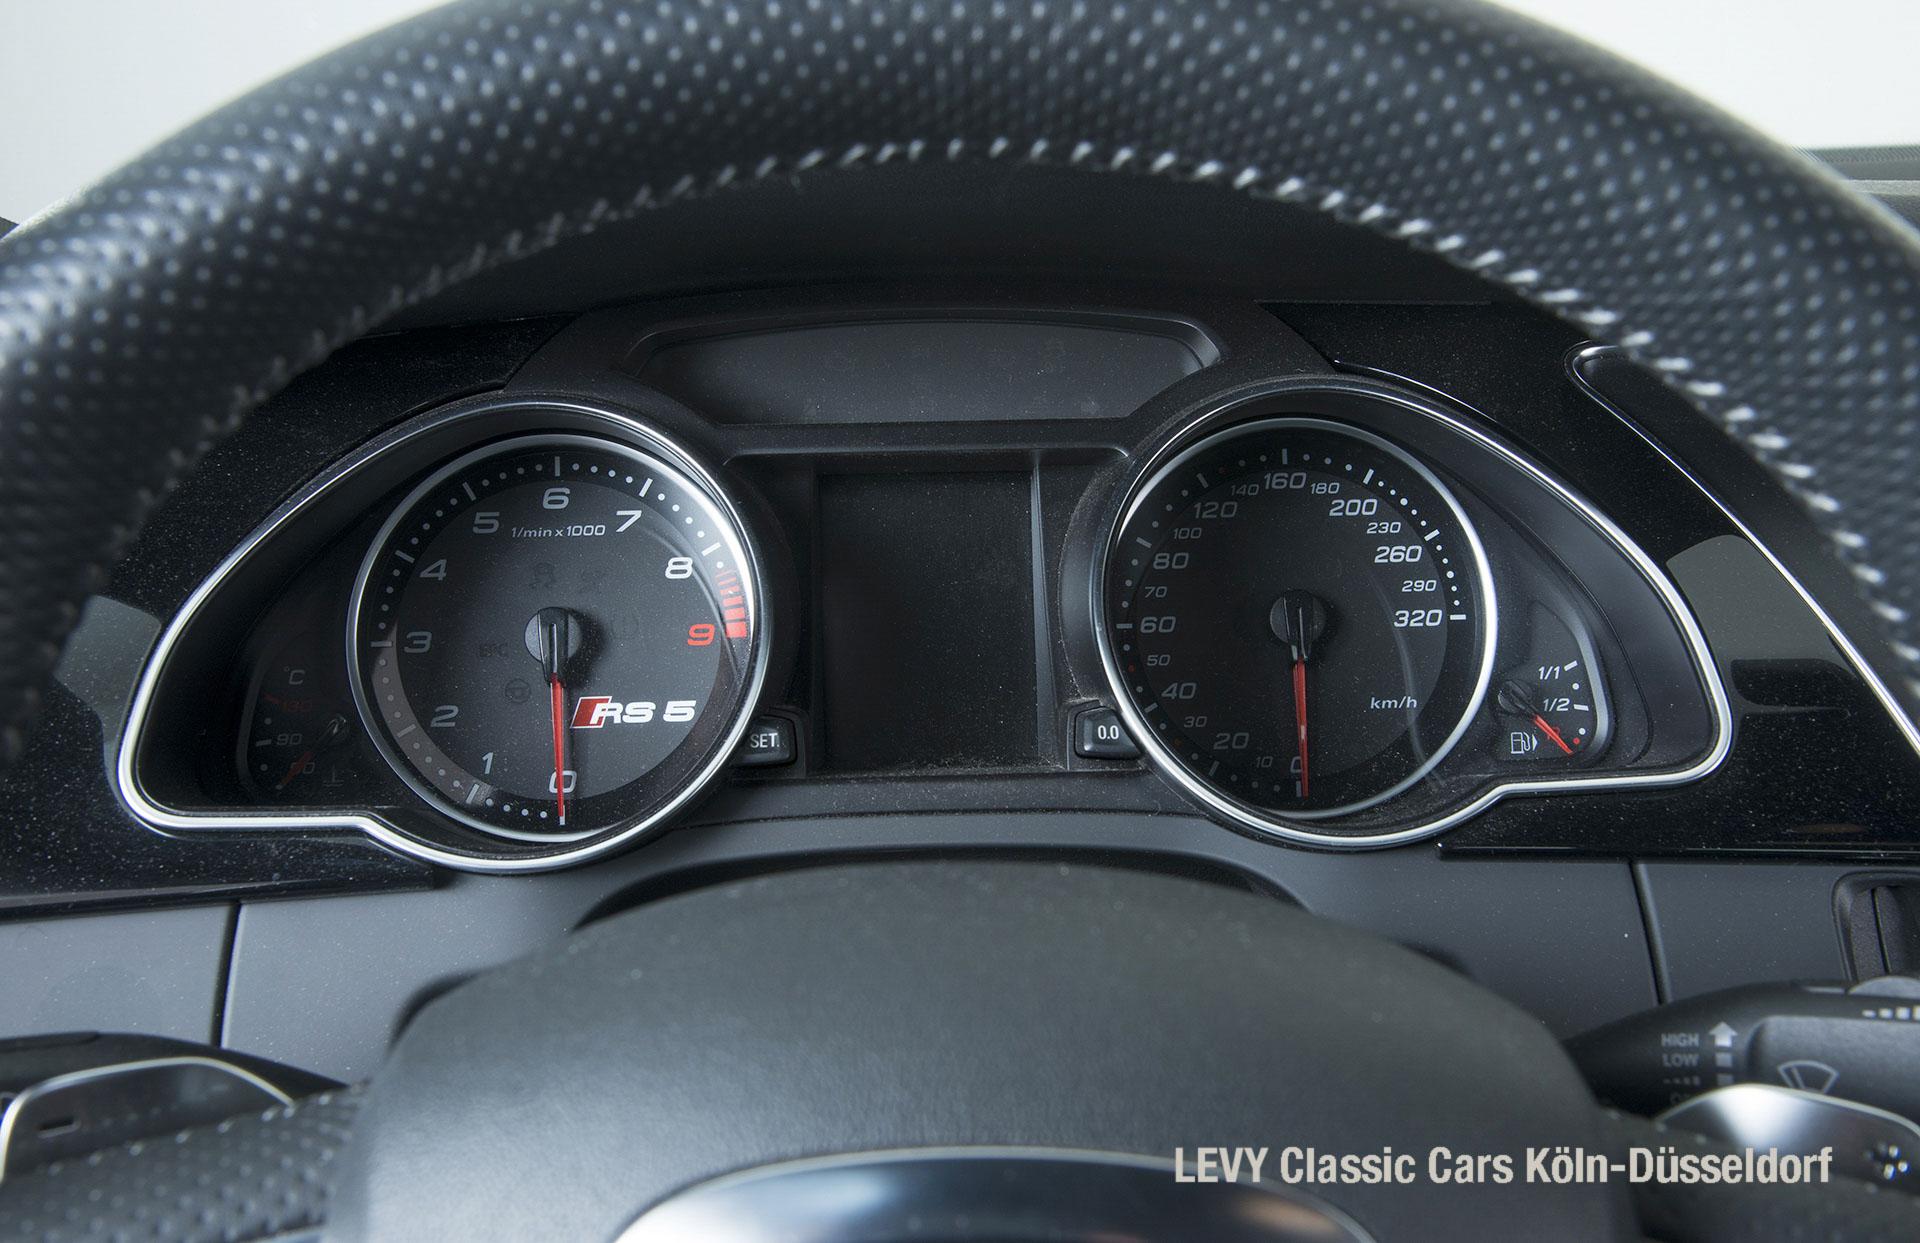 903174 Audi Rs5 44